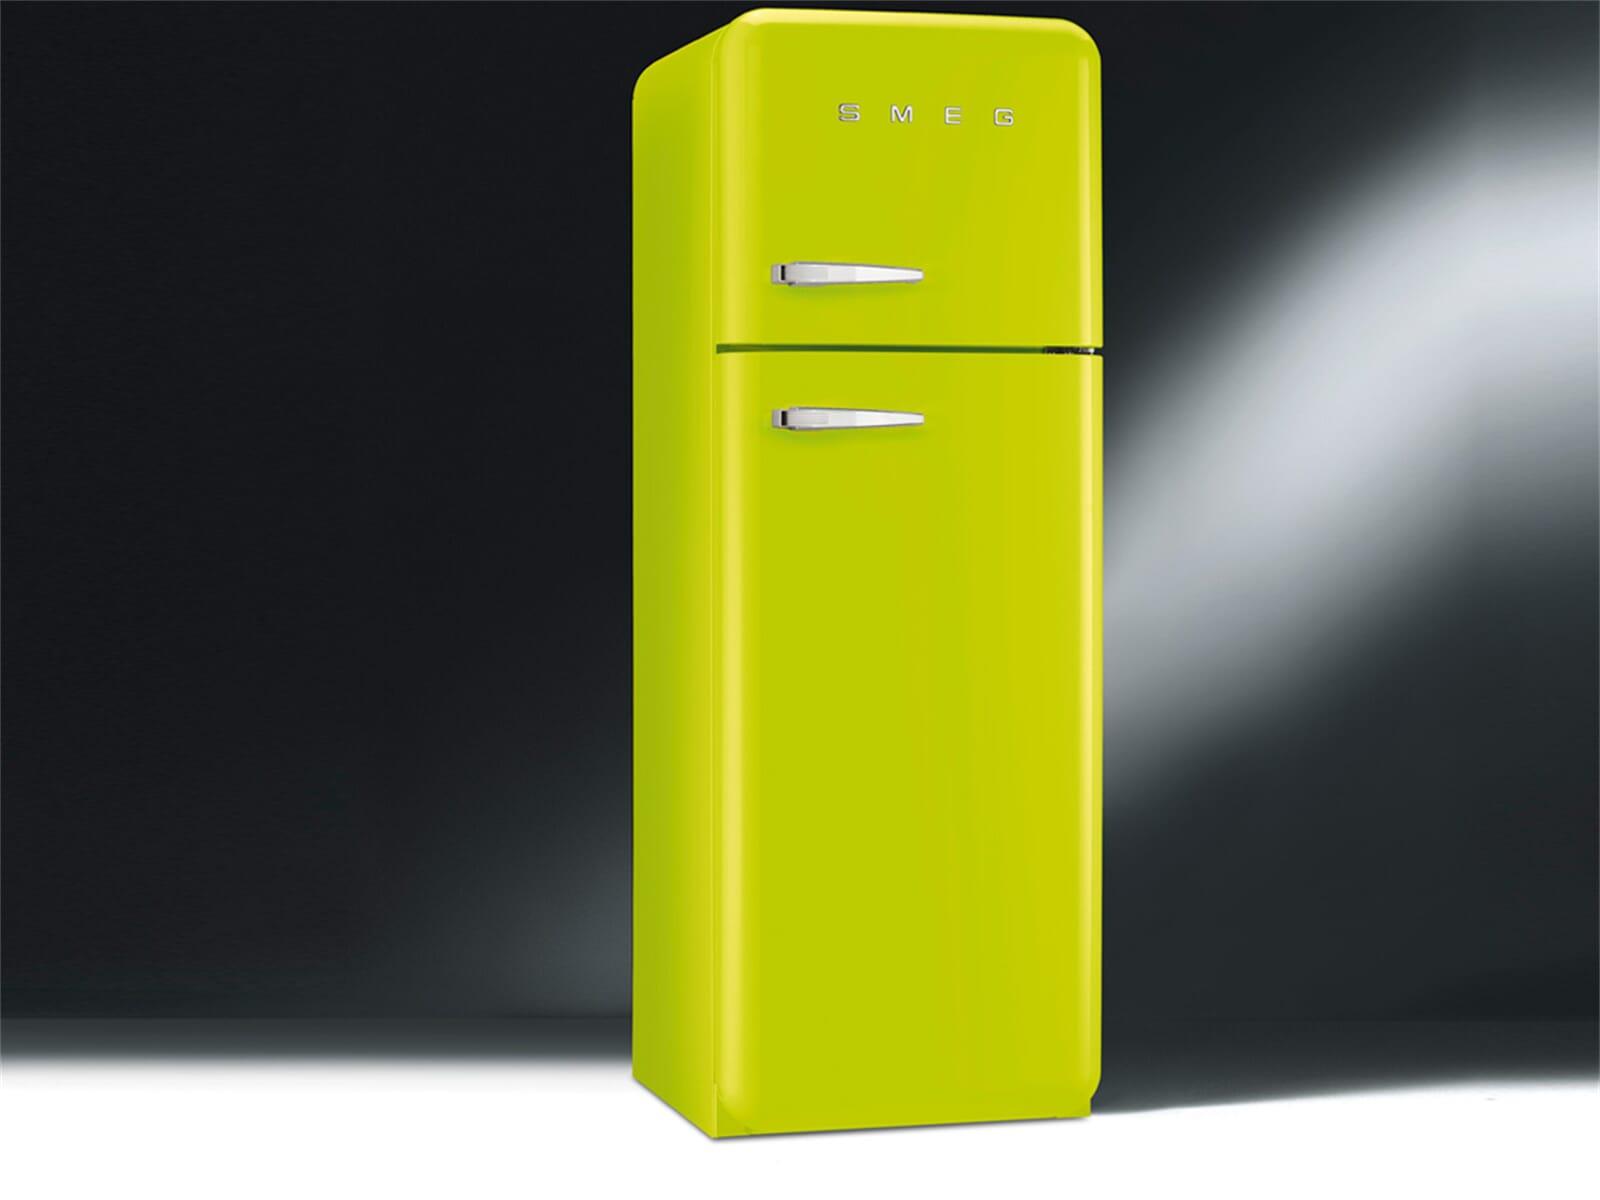 Retro Kühlschrank Grün : Retro kühlschrank günstig sessel vintage leder travel günstig